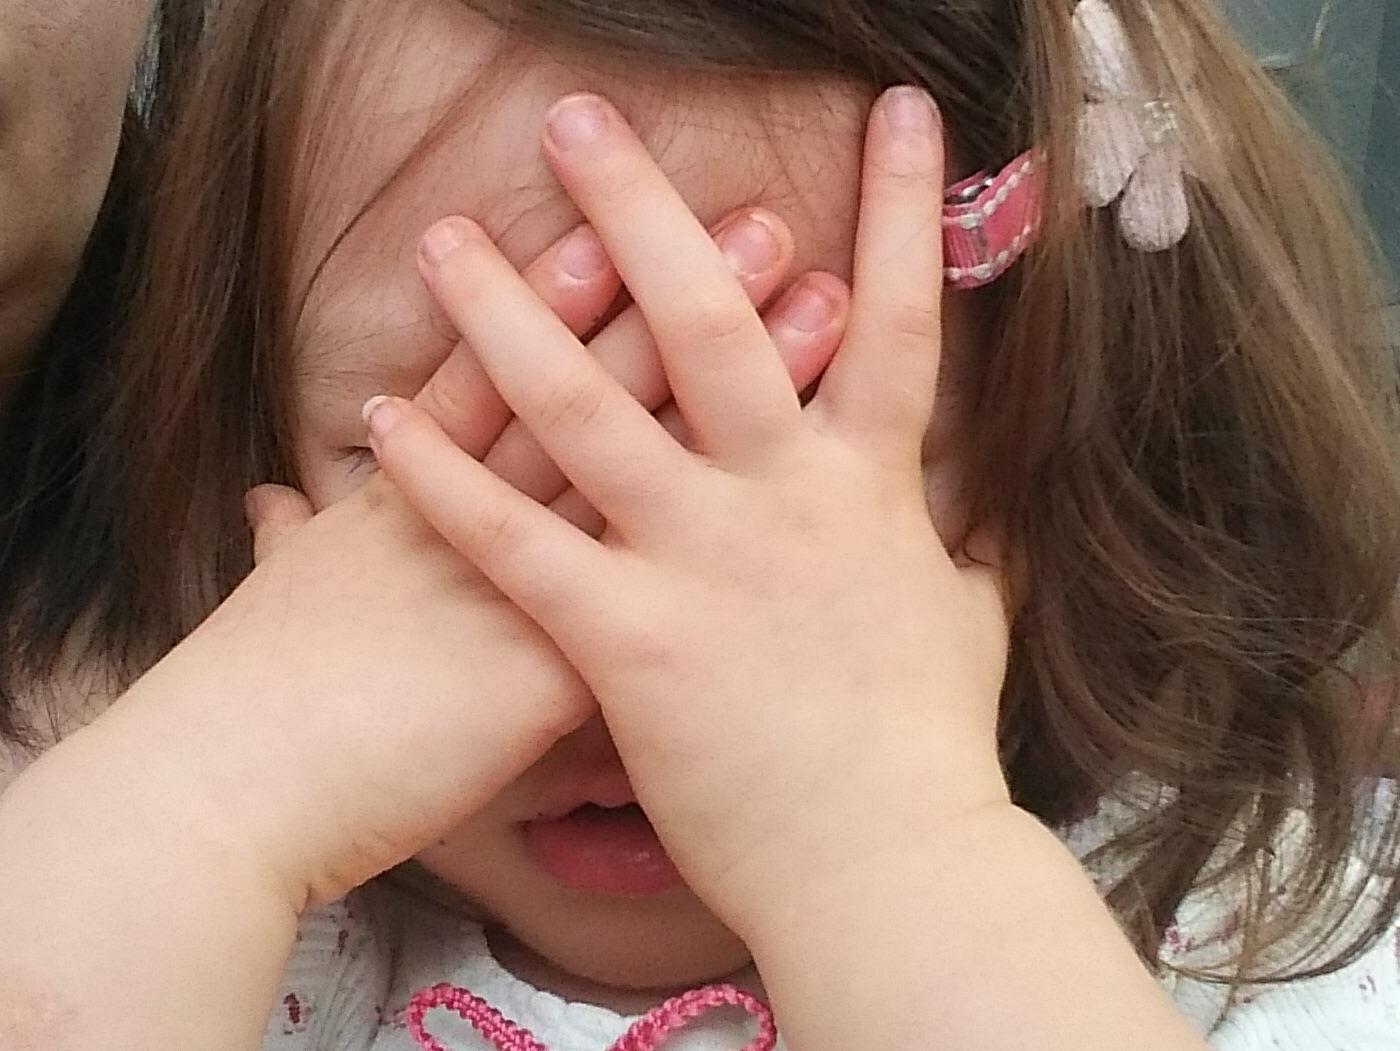 恥ずかしがりやの子供の写真撮影をするコツ! スマホ撮影、パパママでも実践できる方法を紹介